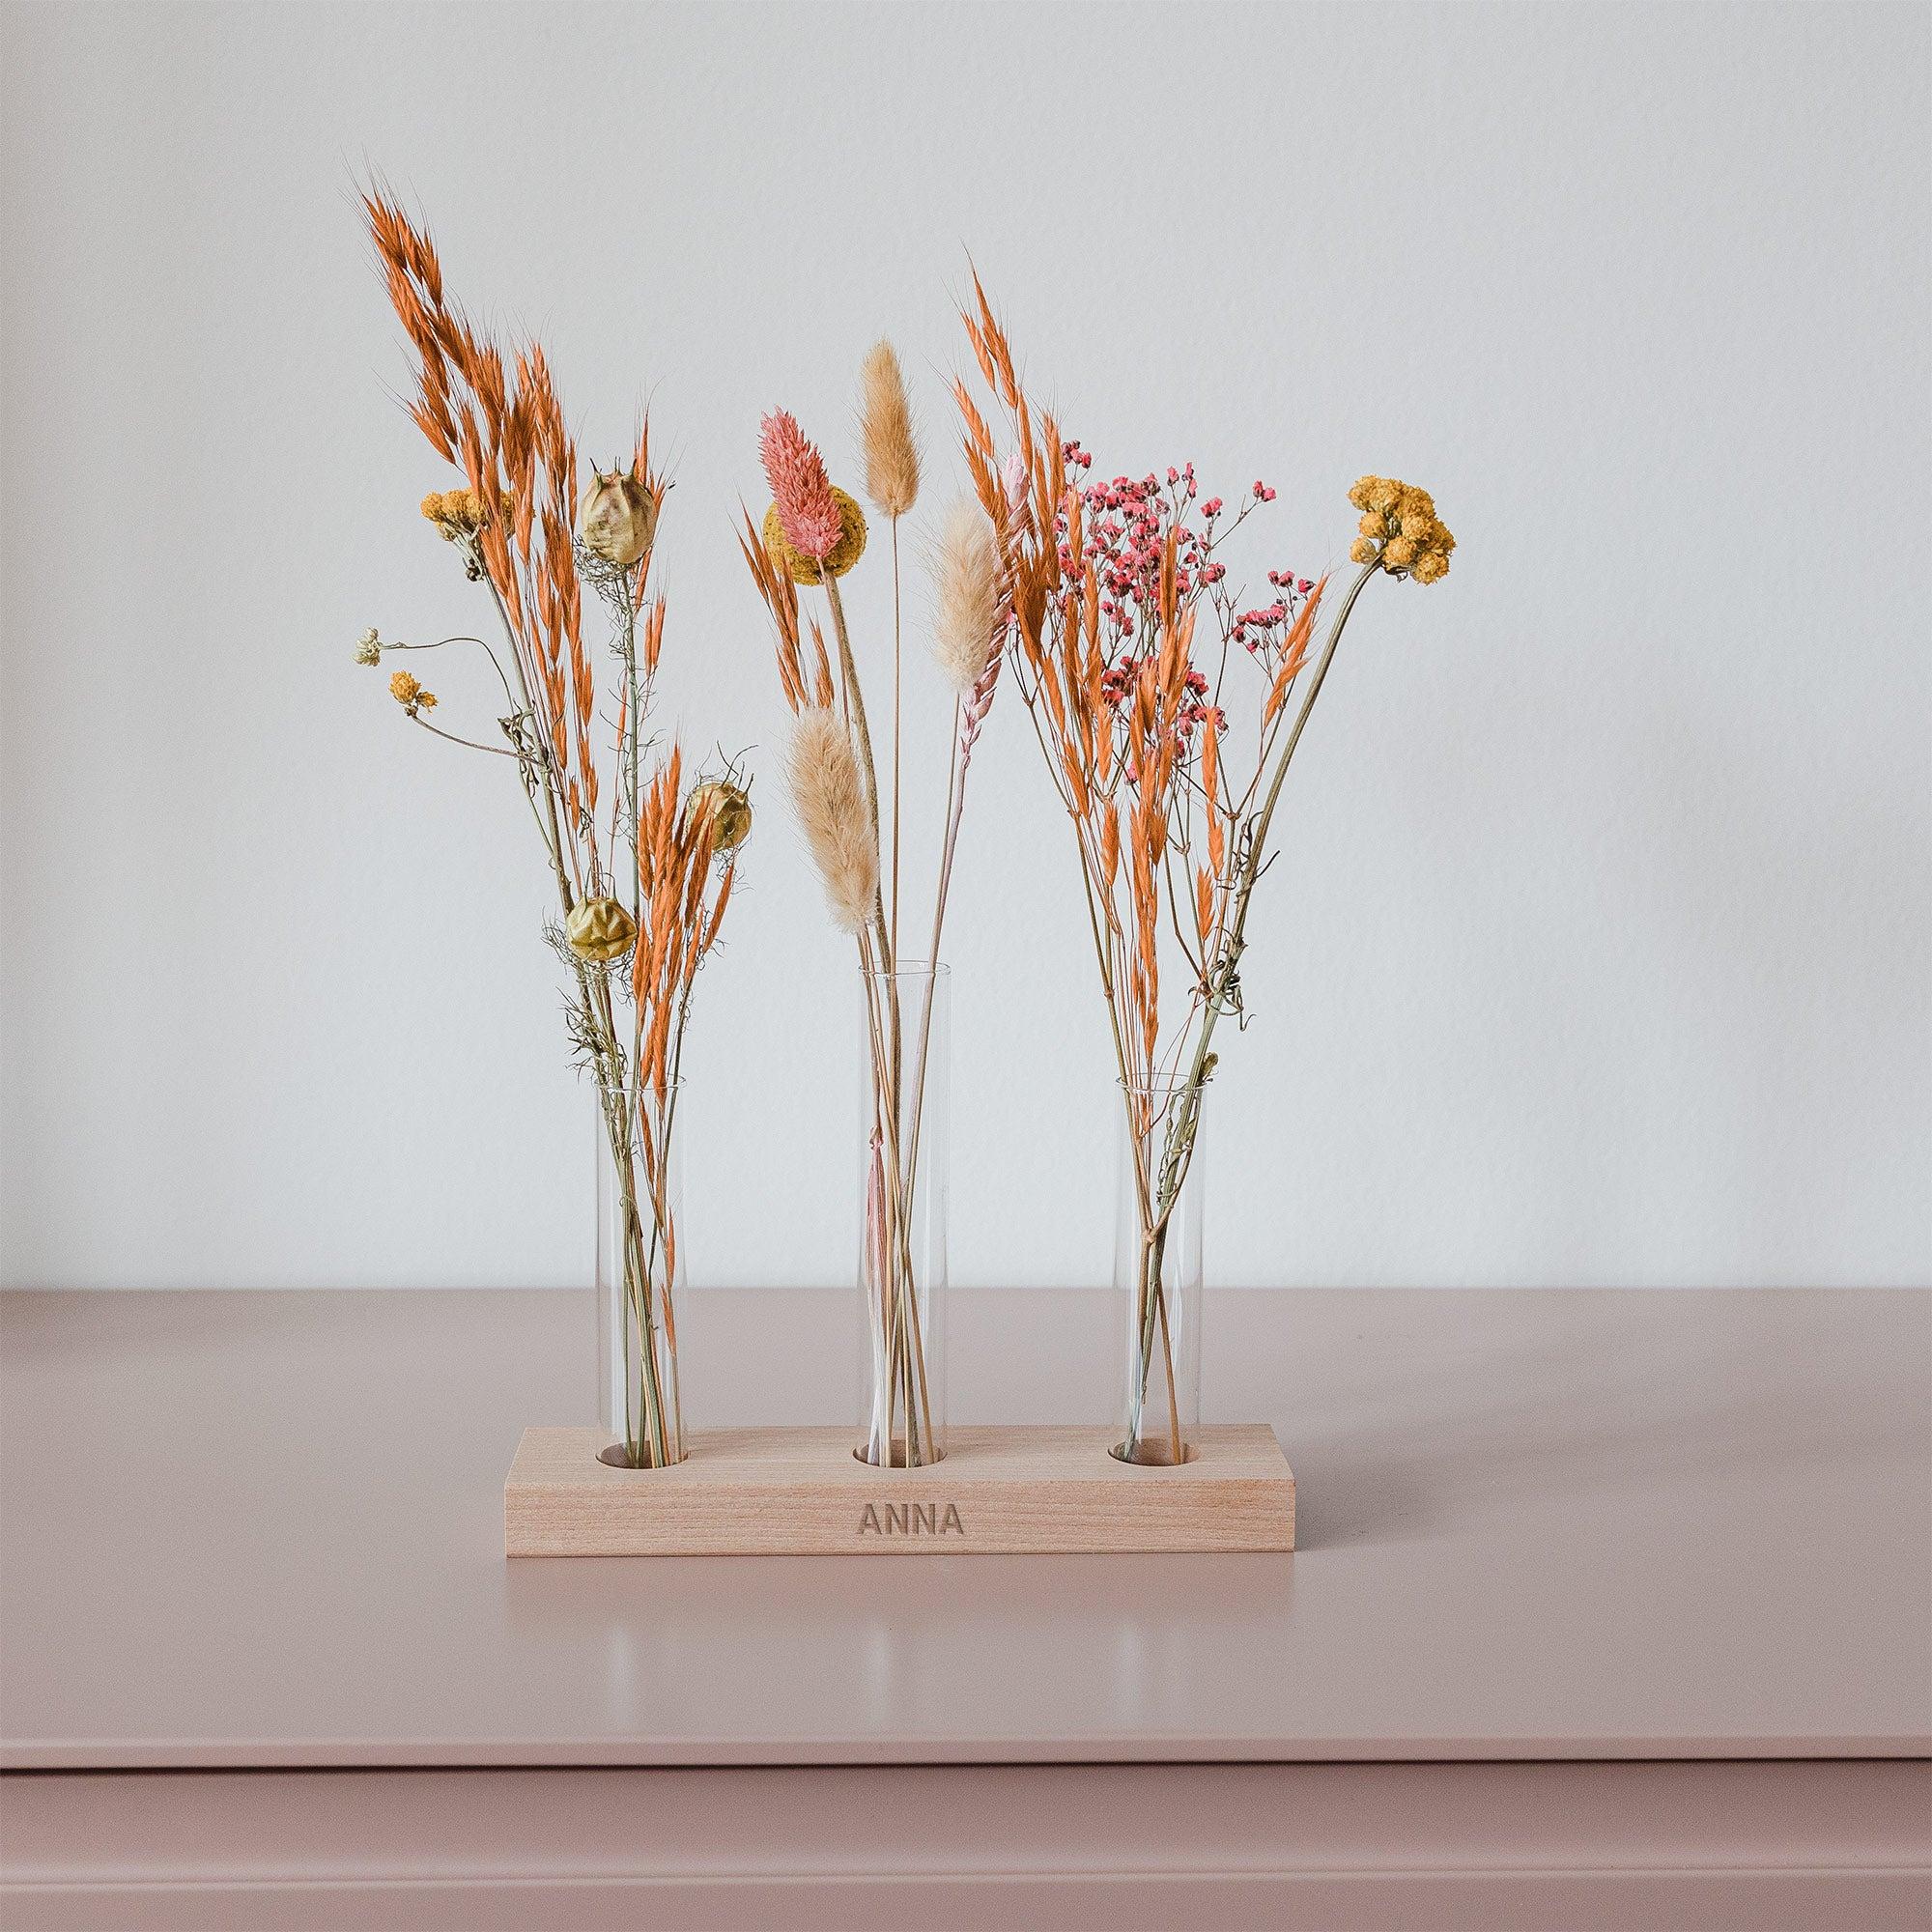 Droogbloemen in gepersonaliseerde houder met drie vaasjes